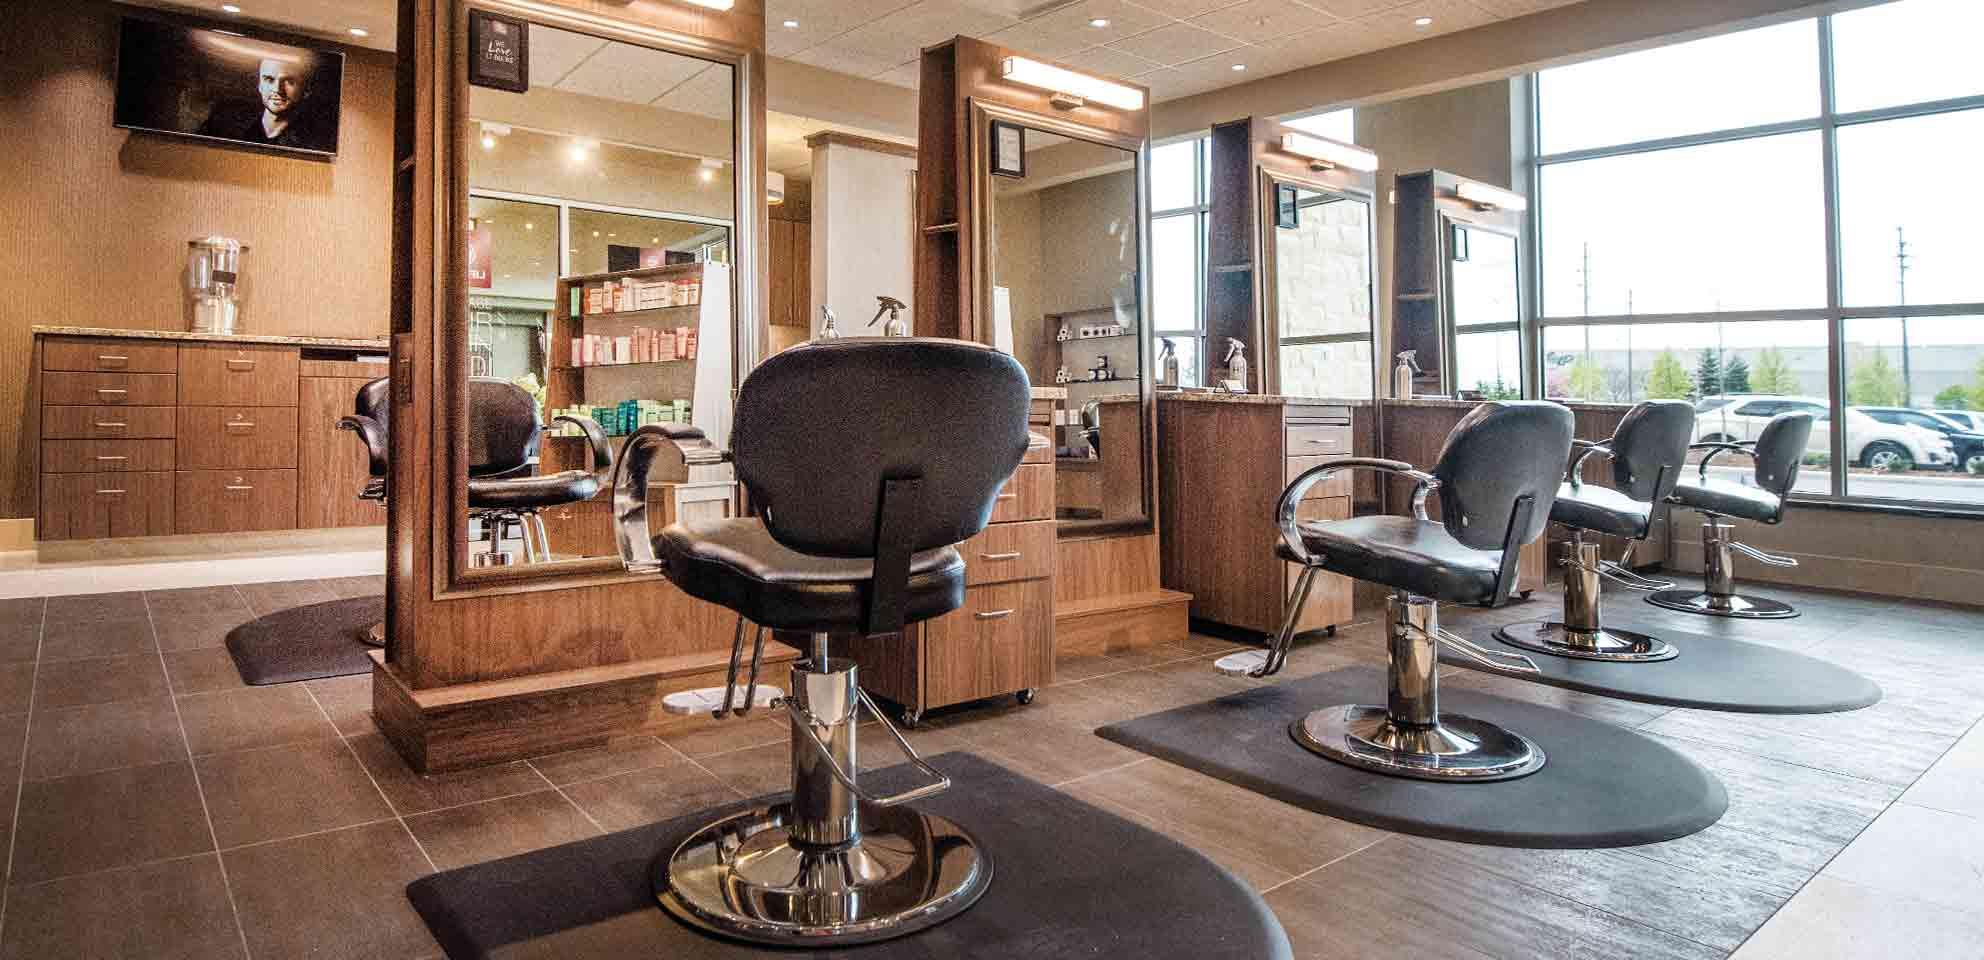 hair salon at life